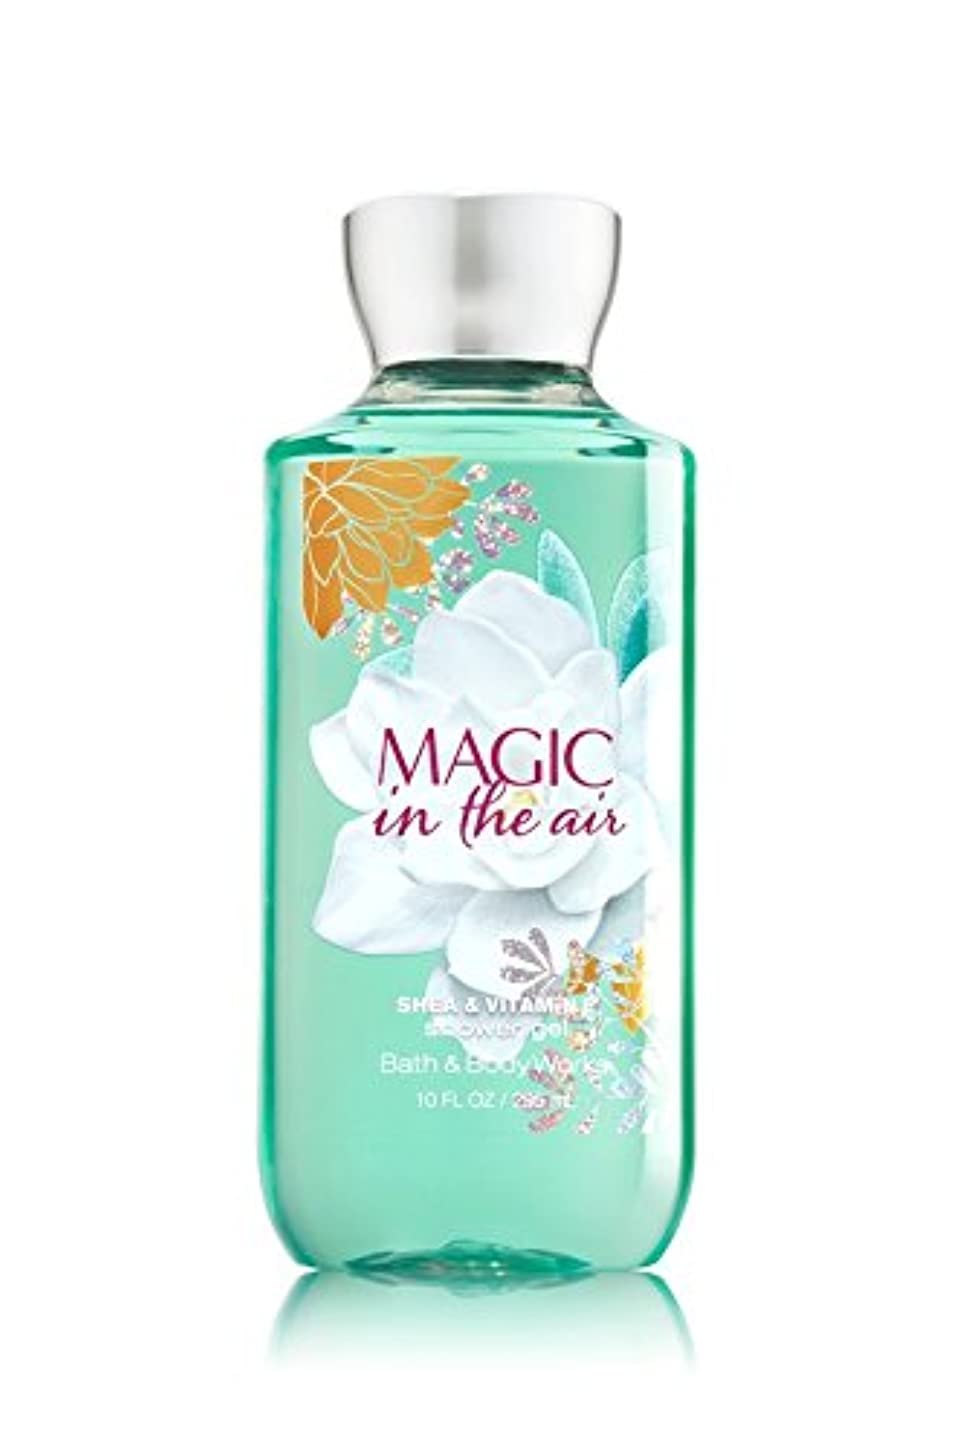 動機付けるハブブぼかし【Bath&Body Works/バス&ボディワークス】 シャワージェル マジックインザエアー Shower Gel Magic in the Air 10 fl oz / 295 mL [並行輸入品]